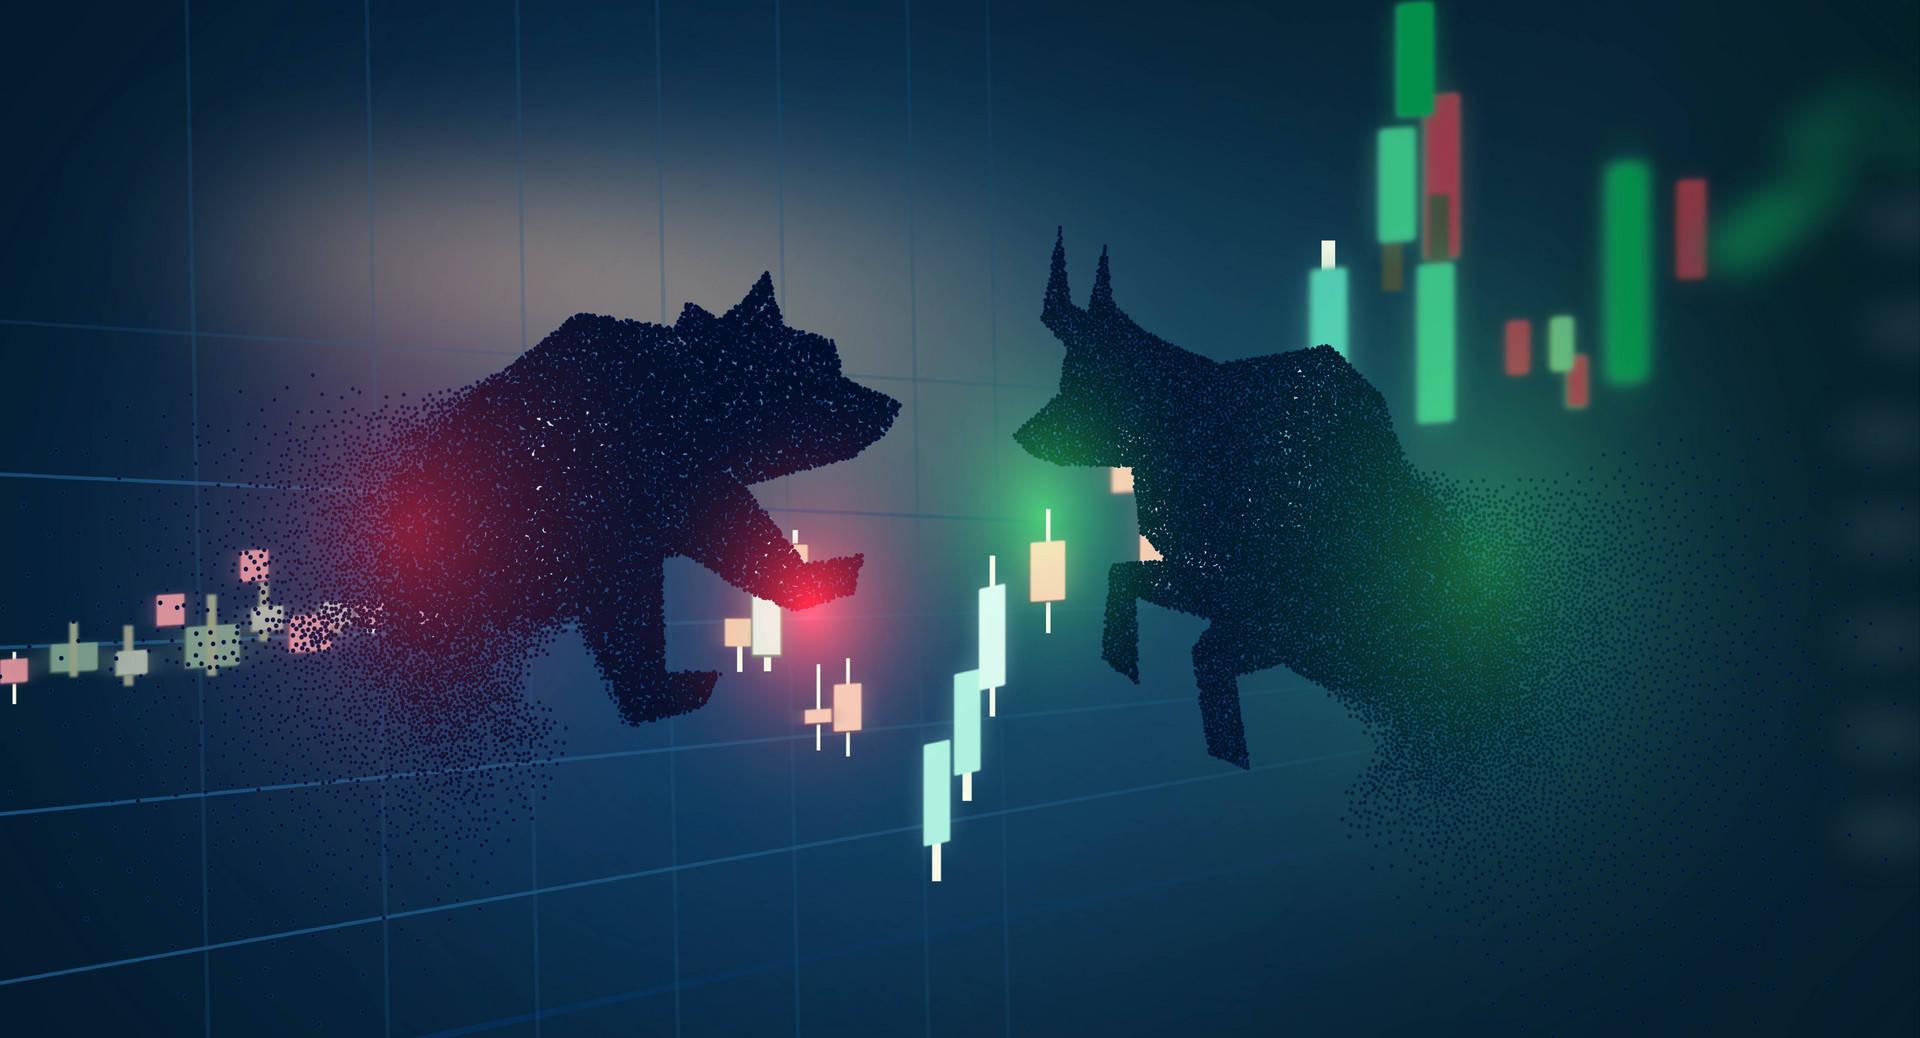 券商猛吹,王者归来,它会有大级别行情吗?